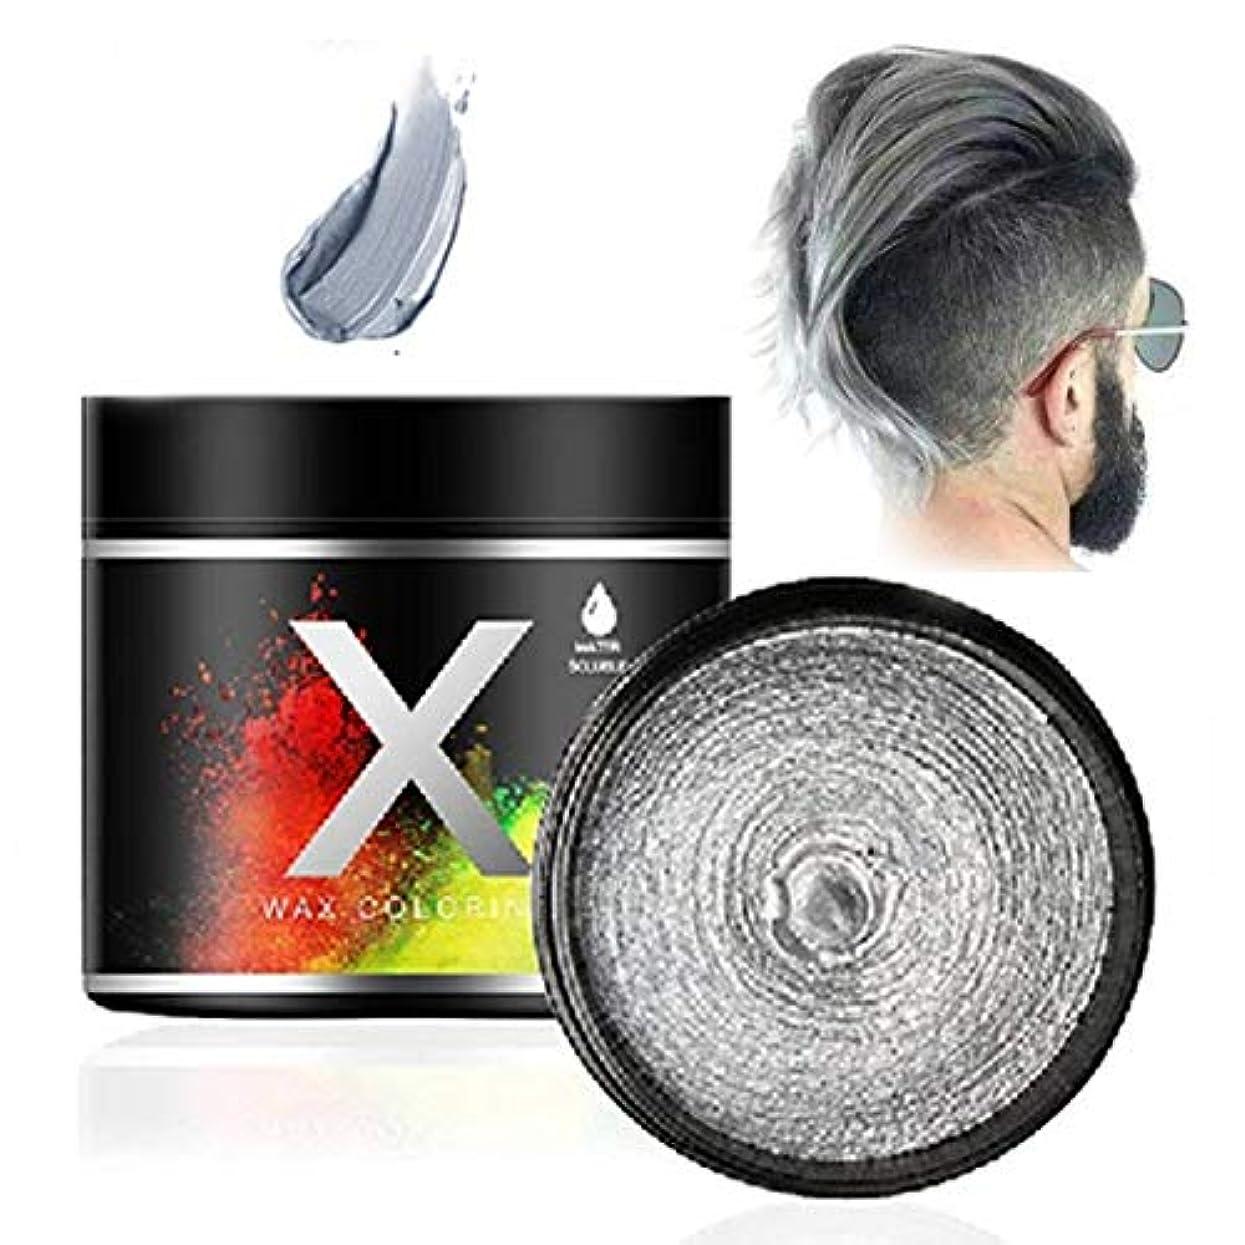 エイズ物思いにふける無限ヘアカラーワックス、一時的なモデリングナチュラルカラーヘアダイワックス、一時的なヘアスタイルクリーム、パーティー、コスプレ、パーティー、仮装、ナイトクラブ、ハロウィンのためのスタイルワックス (シルバーグレー)